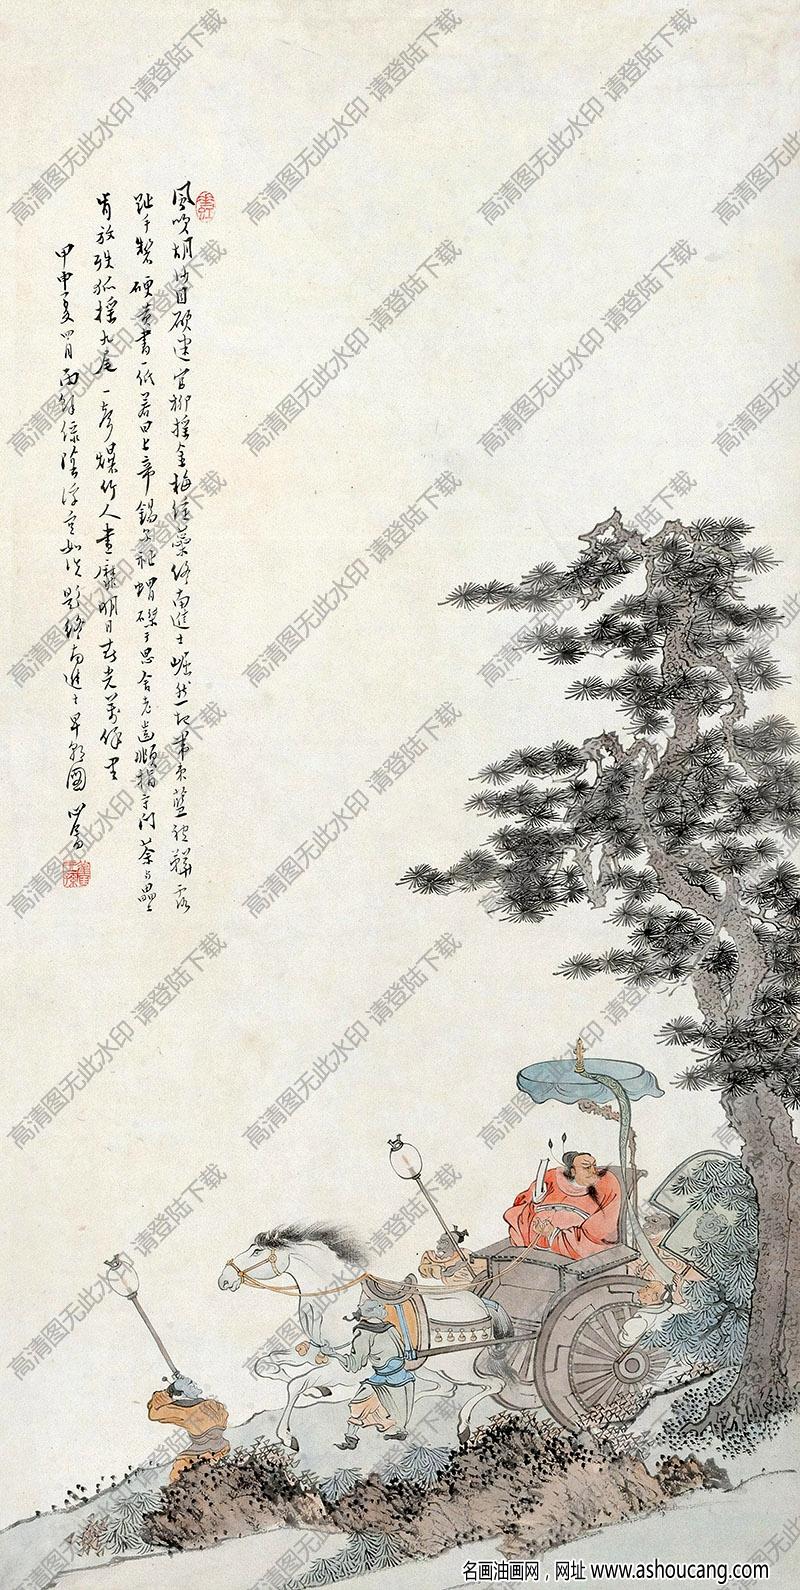 溥儒的画 终南进士早朝图 高清大图下载